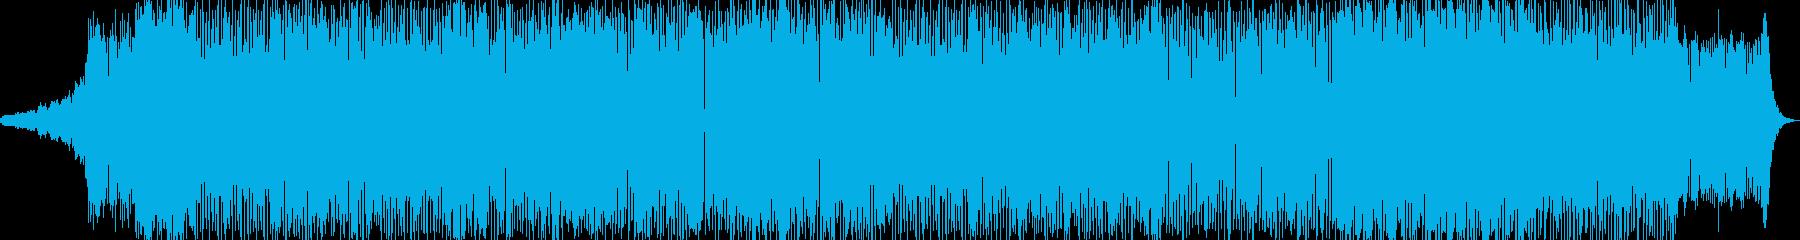 フラッシュダンスに最適なEDMの再生済みの波形